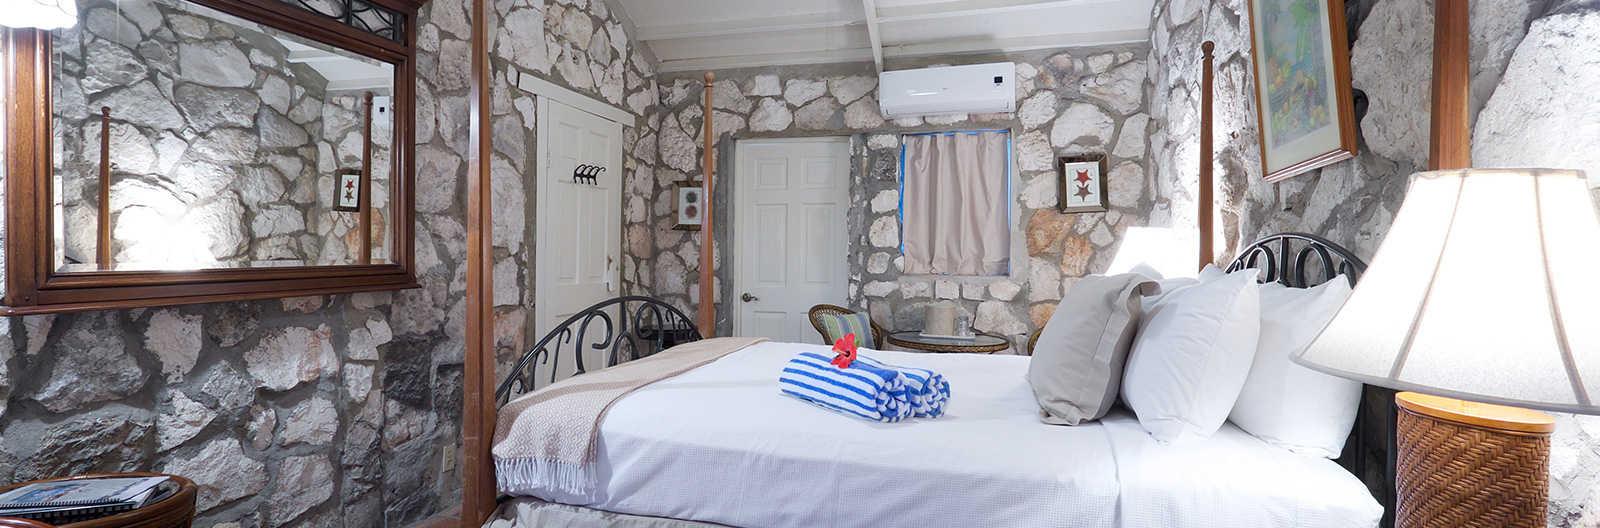 Tamarind suite.